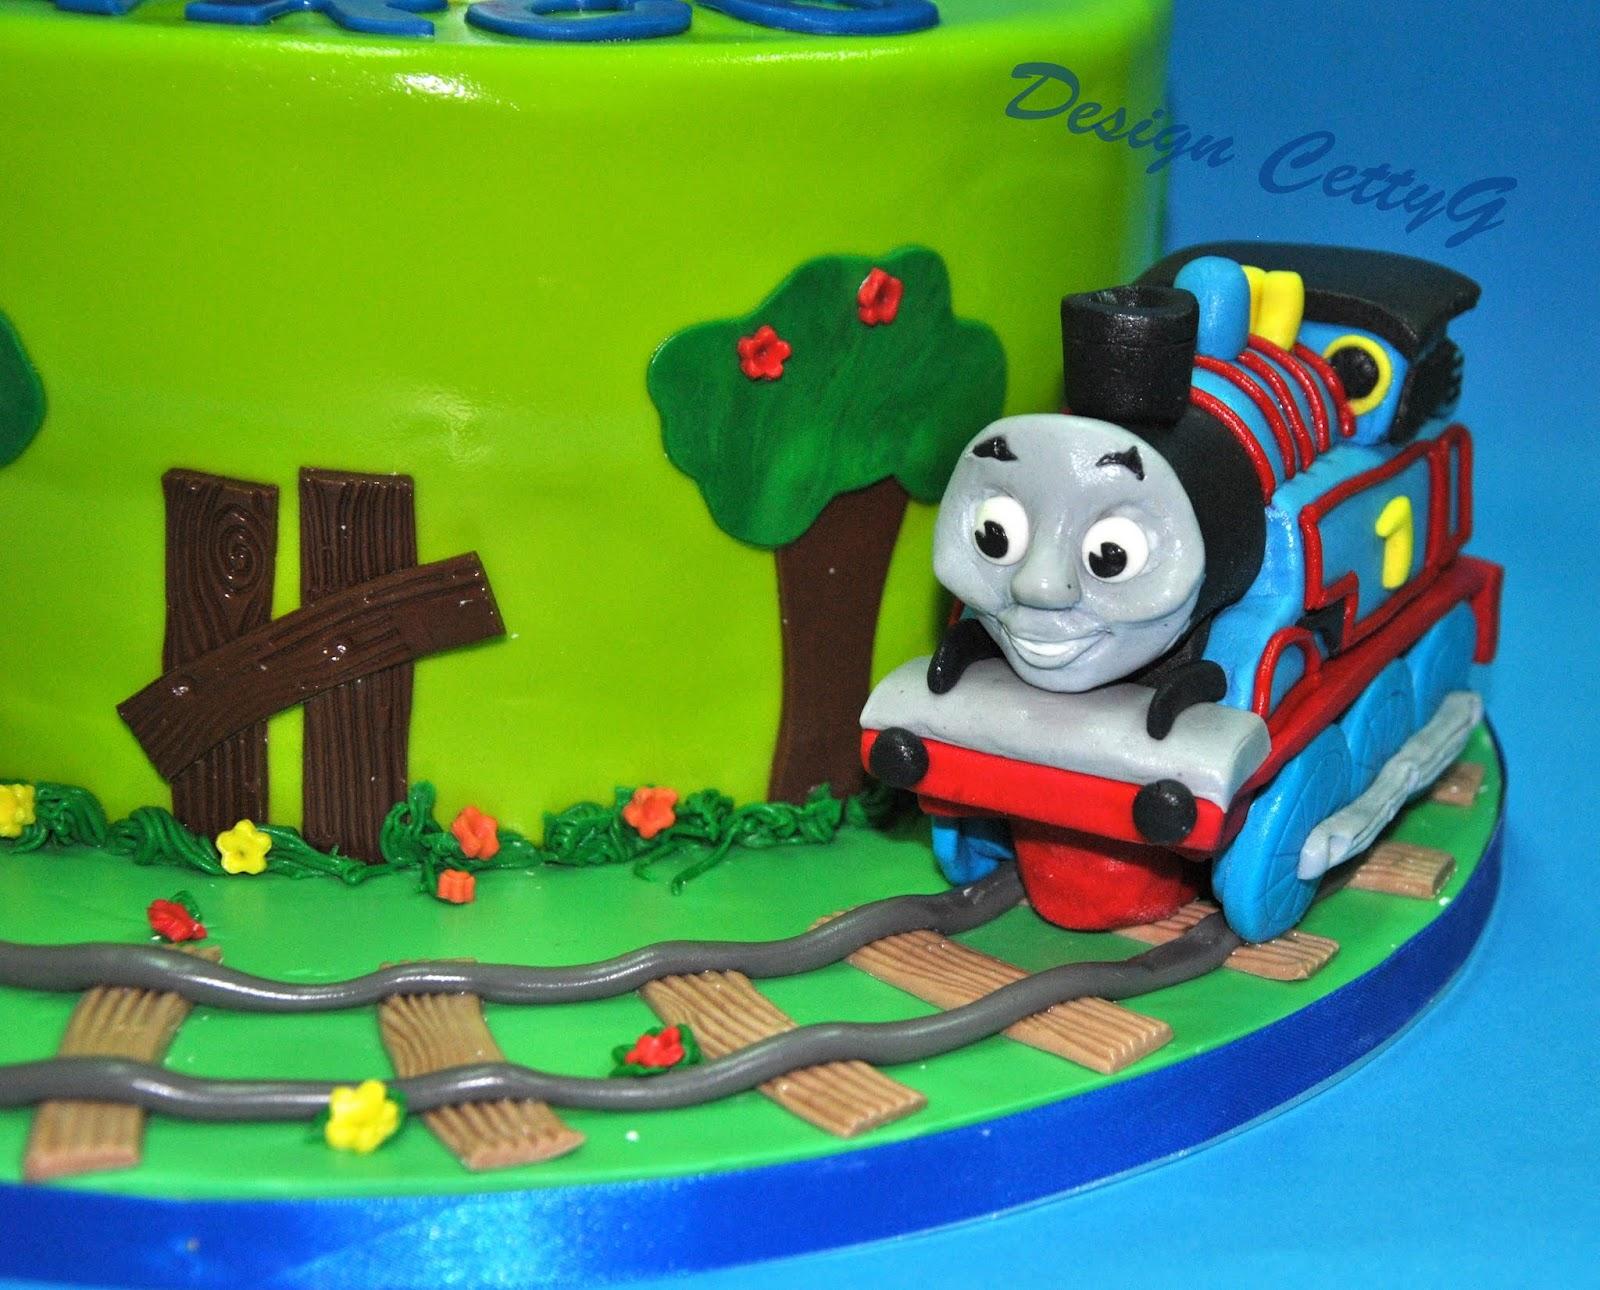 Le torte decorate di cetty g thomas cake for Decorazioni torte trenino thomas